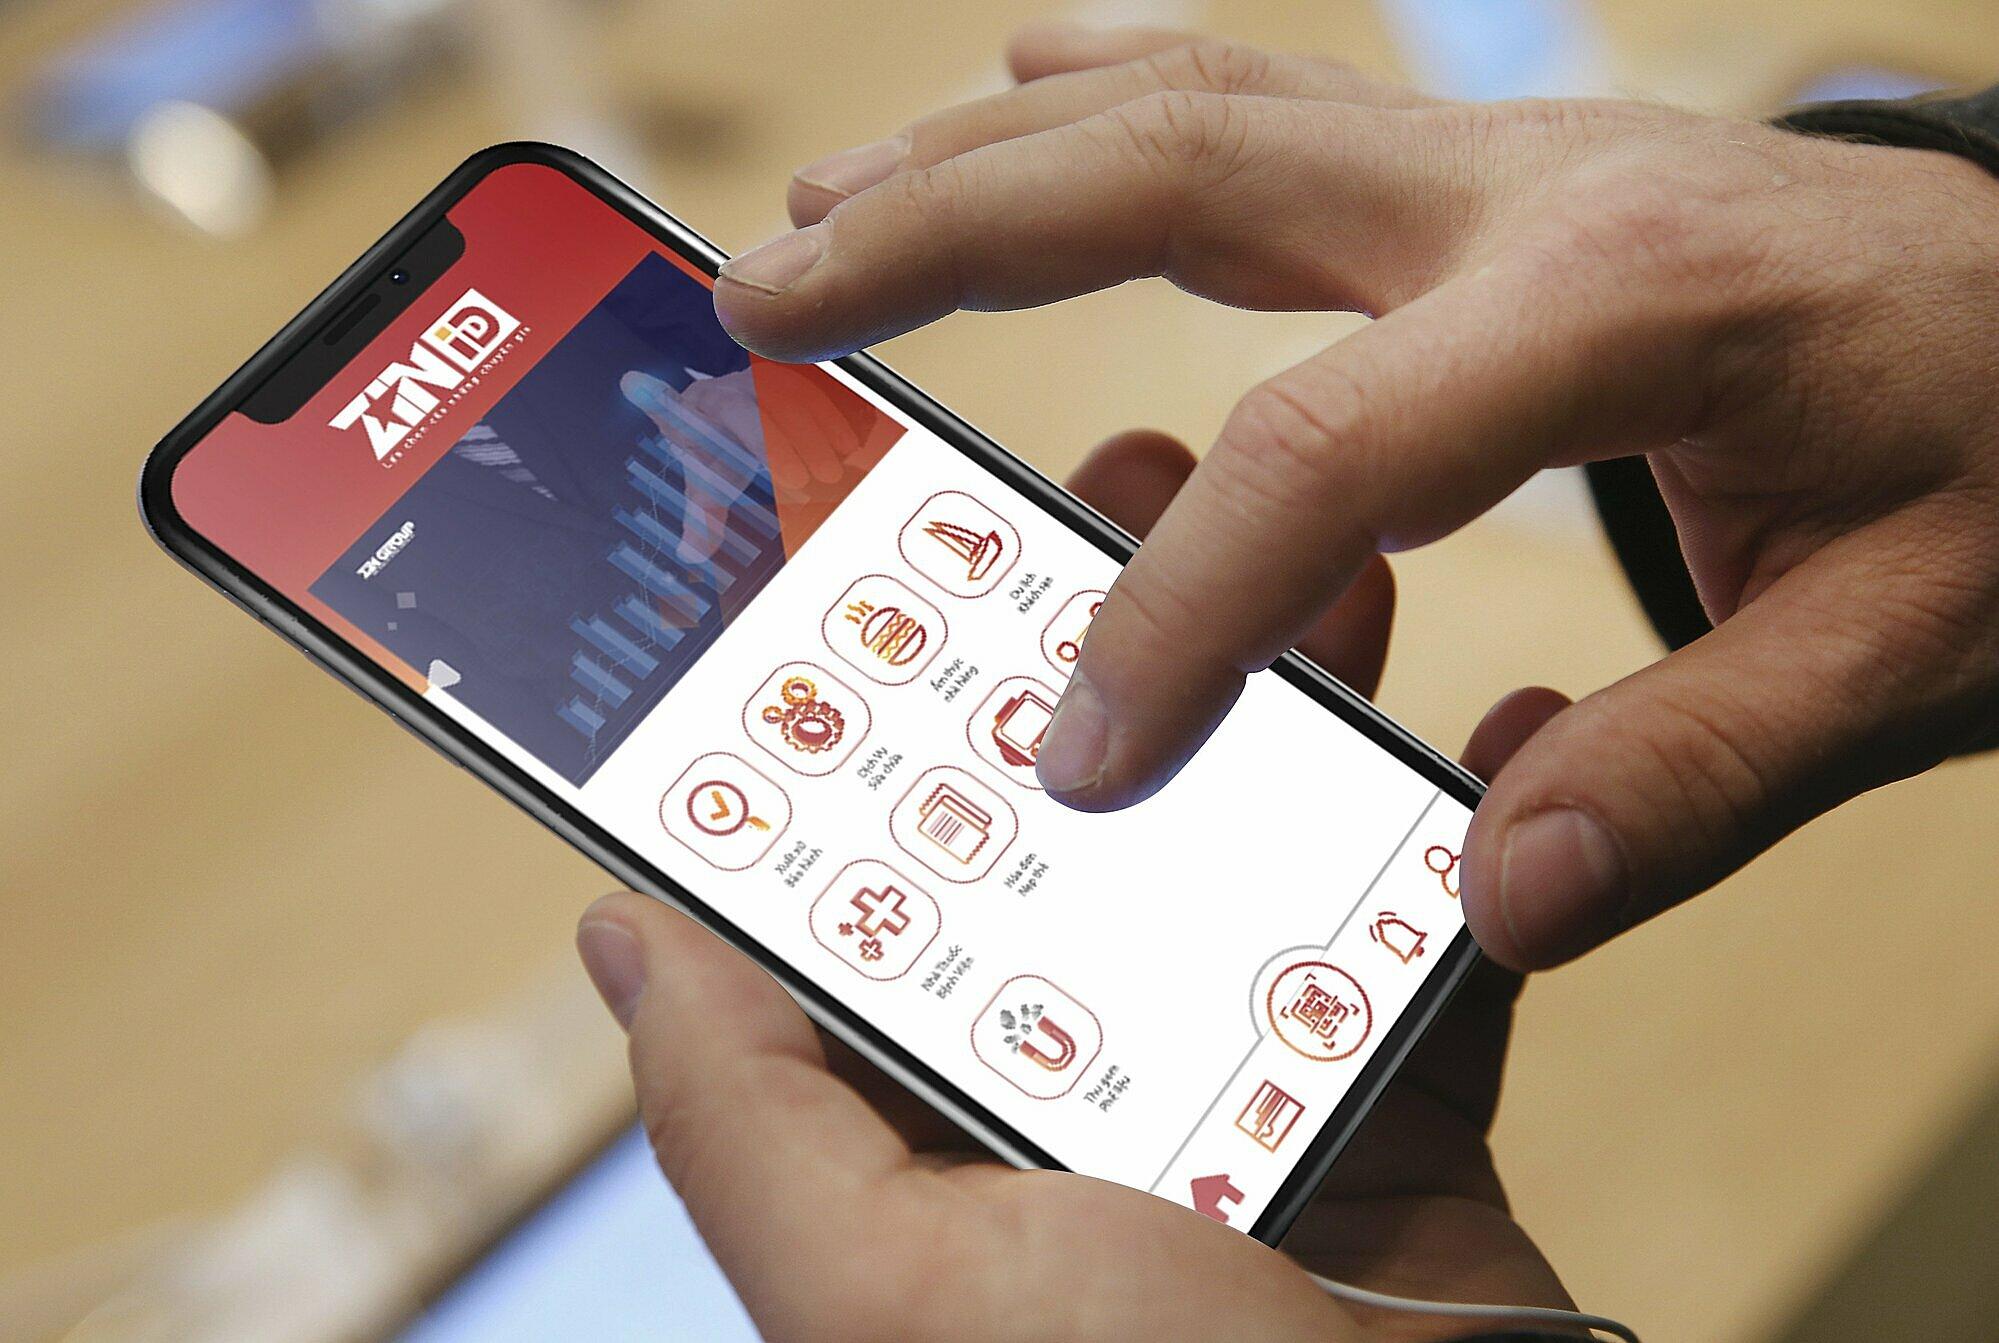 Người dùng sử dụng ứng dụng thiết kế của ZinPro trên điện thoại di dộng.